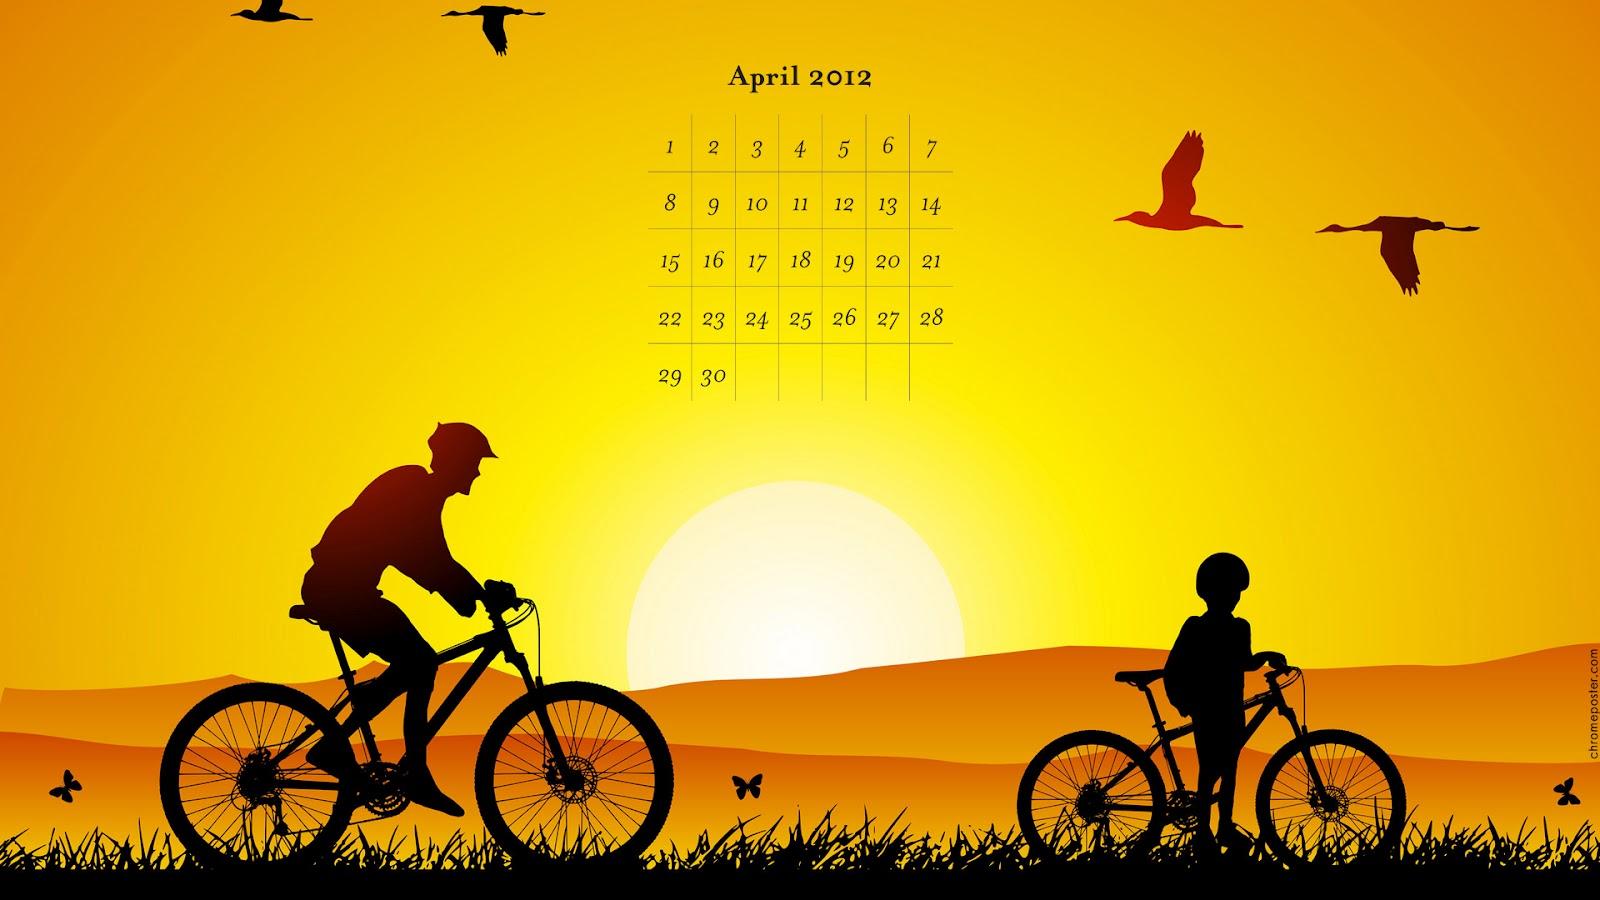 https://1.bp.blogspot.com/-DRF1oKl-E24/T3SLlW32KpI/AAAAAAAAGh8/AlcGAtU_snA/s1600/cyclist-1920-x-1080.jpg